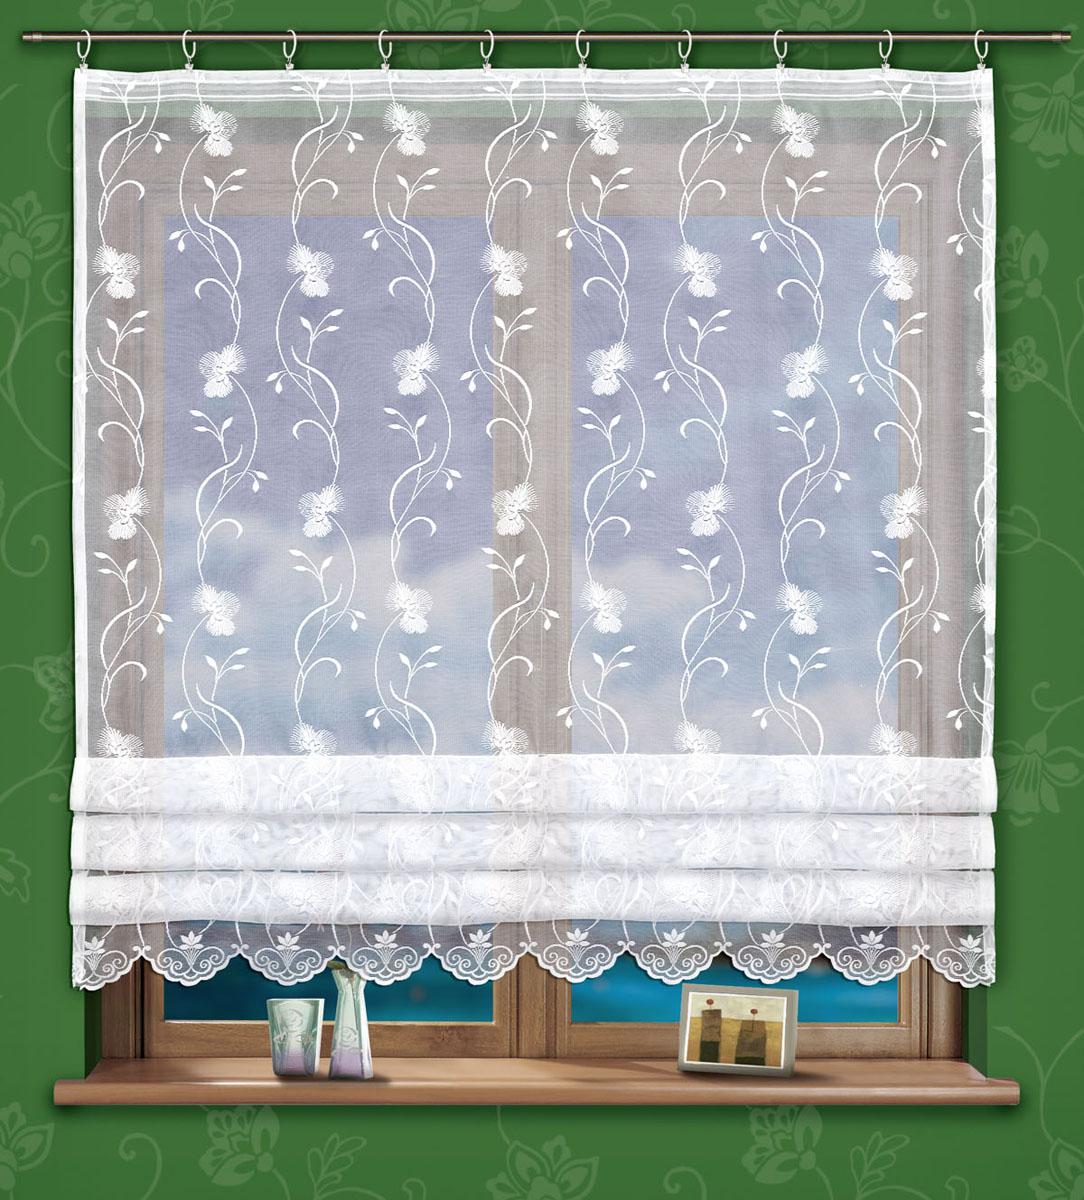 Гардина Salma, на ленте, цвет: белый, высота 150 см737840Воздушная гардина Salma, изготовленная из полиэстера белого цвета, станет украшением любого окна. Тонкое плетение и роскошный цветочный узор привлекут к себе внимание и органично впишутся в интерьер. В гардину вшита шторная лента. Характеристики: Материал: 100% полиэстер. Размер упаковки: 27 см х 35 см х 3 см. Артикул: 737840. В комплект входит: Гардина - 1 шт. Размер (Ш х В): 160 см х 150 см. Фирма Wisan на польском рынке существует уже более пятидесяти лет и является одной из лучших польских фабрик по производству штор и тканей. Ассортимент фирмы представлен готовыми комплектами штор для гостиной, детской, кухни, а также текстилем для кухни (скатерти, салфетки, дорожки, кухонные занавески). Модельный ряд отличает оригинальный дизайн, высокое качество. Ассортимент продукции постоянно пополняется.